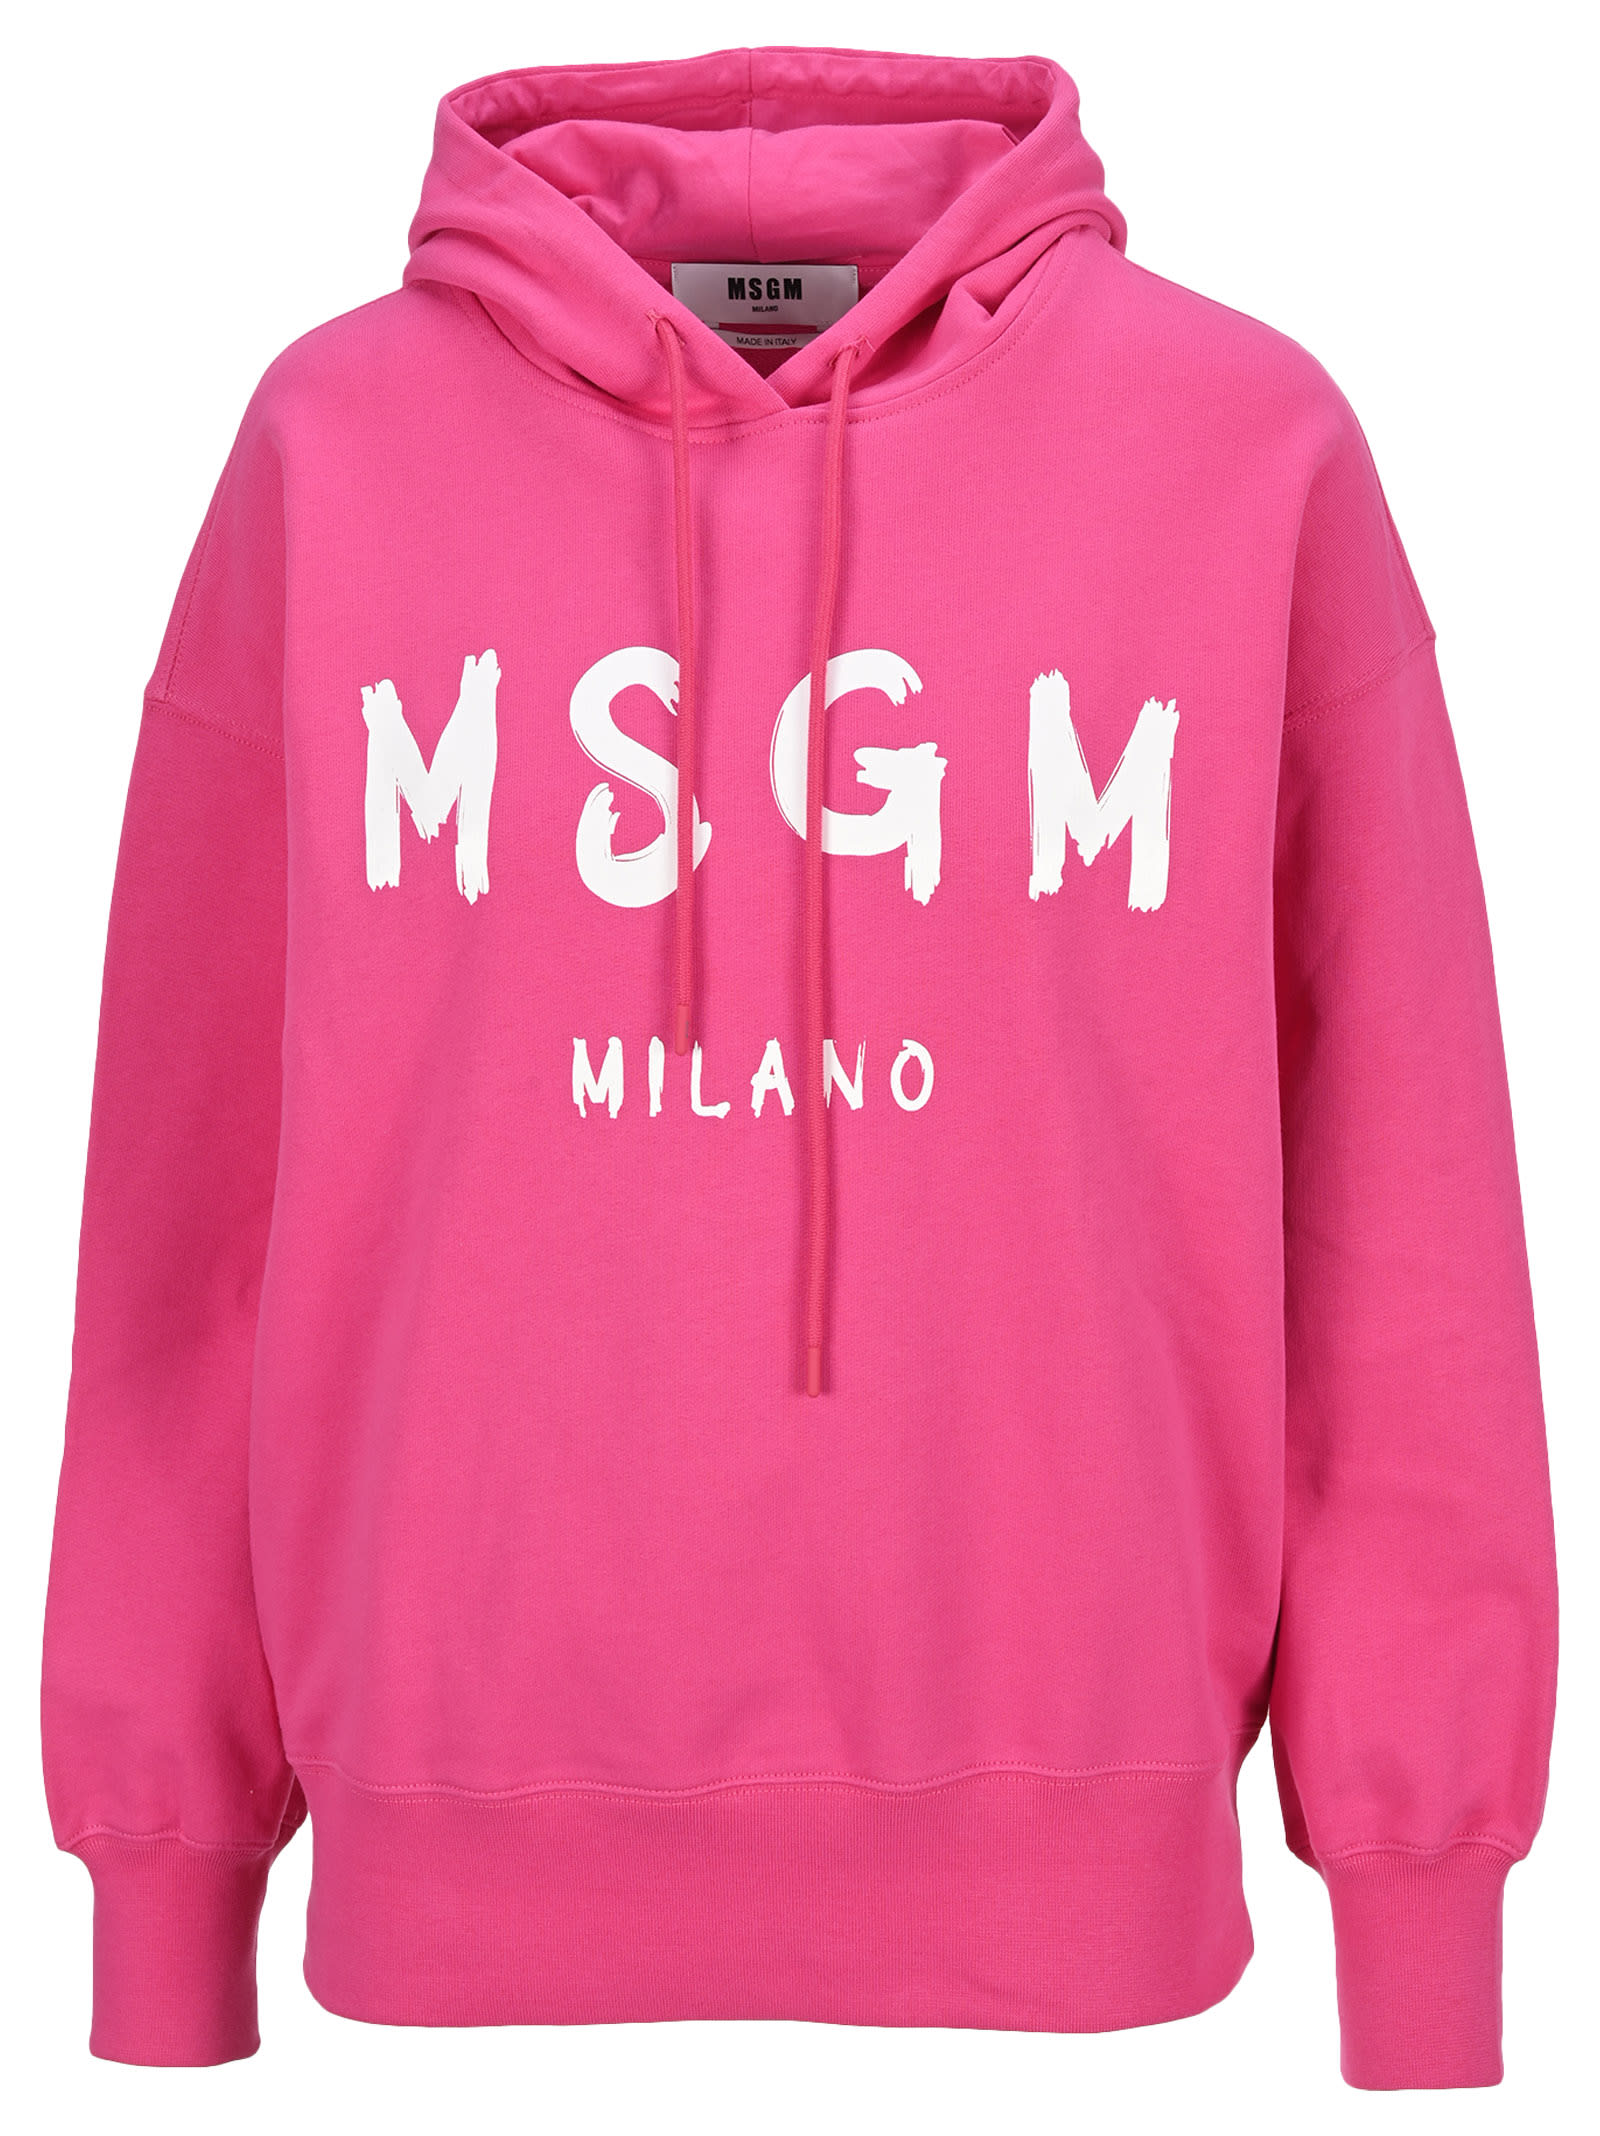 Msgm Hoodie Classic Logo